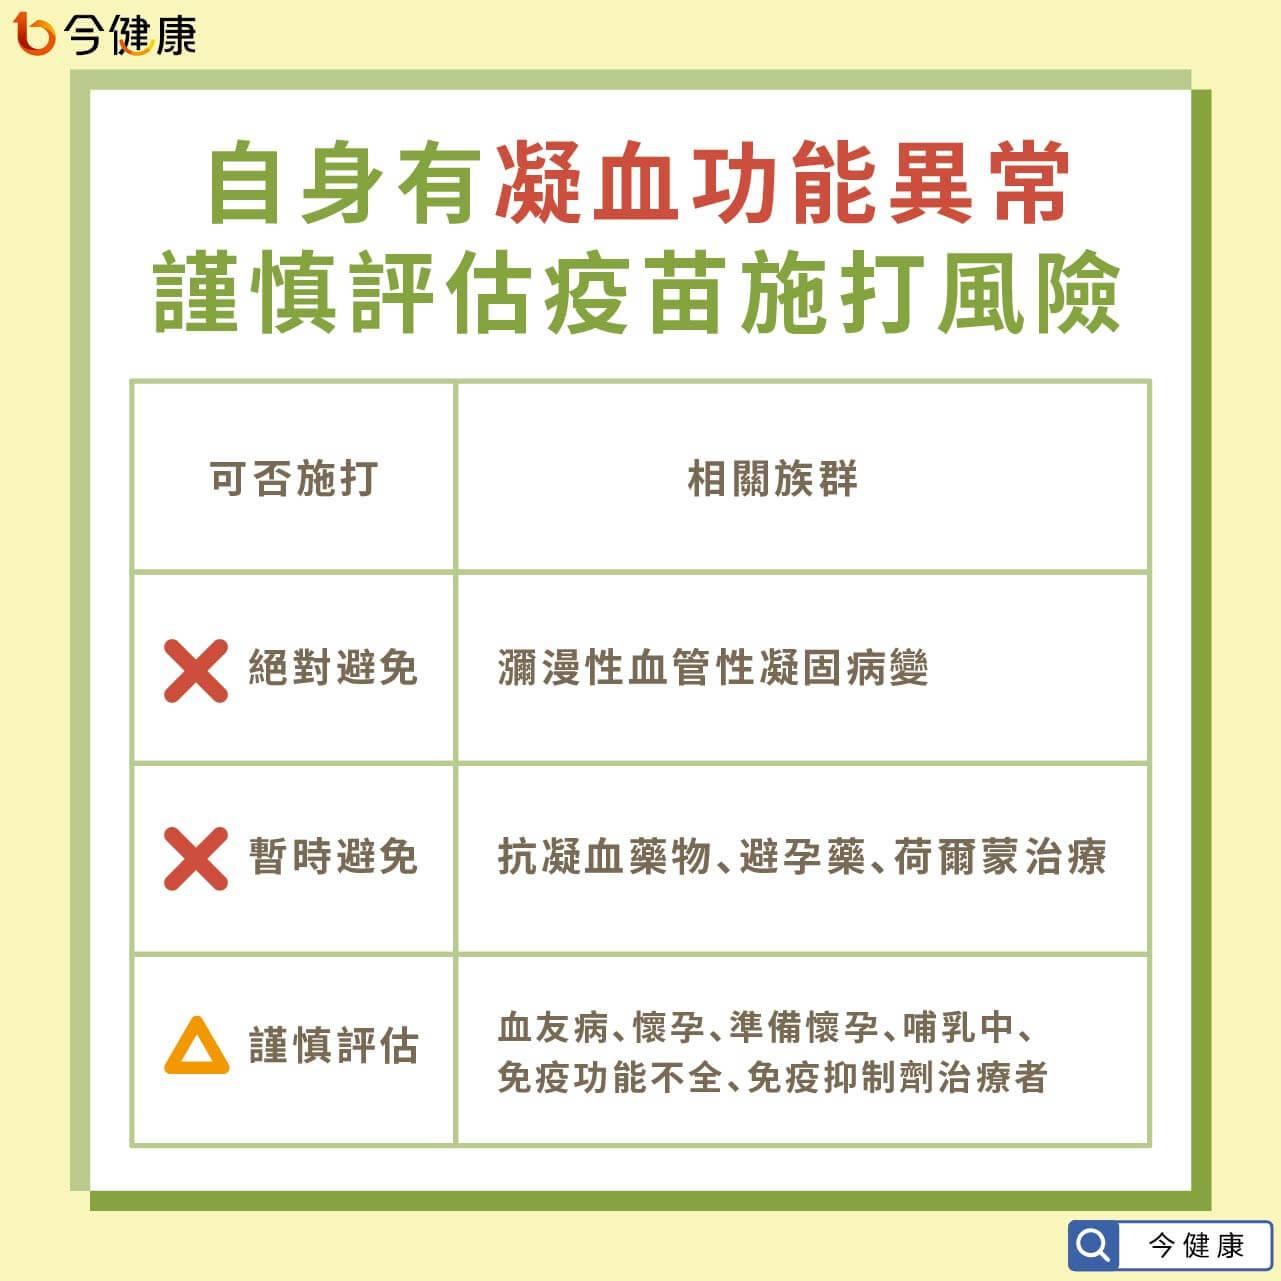 #AZ疫苗 #武漢肺炎 #新冠肺炎 #血栓 #衛福部 #招名威